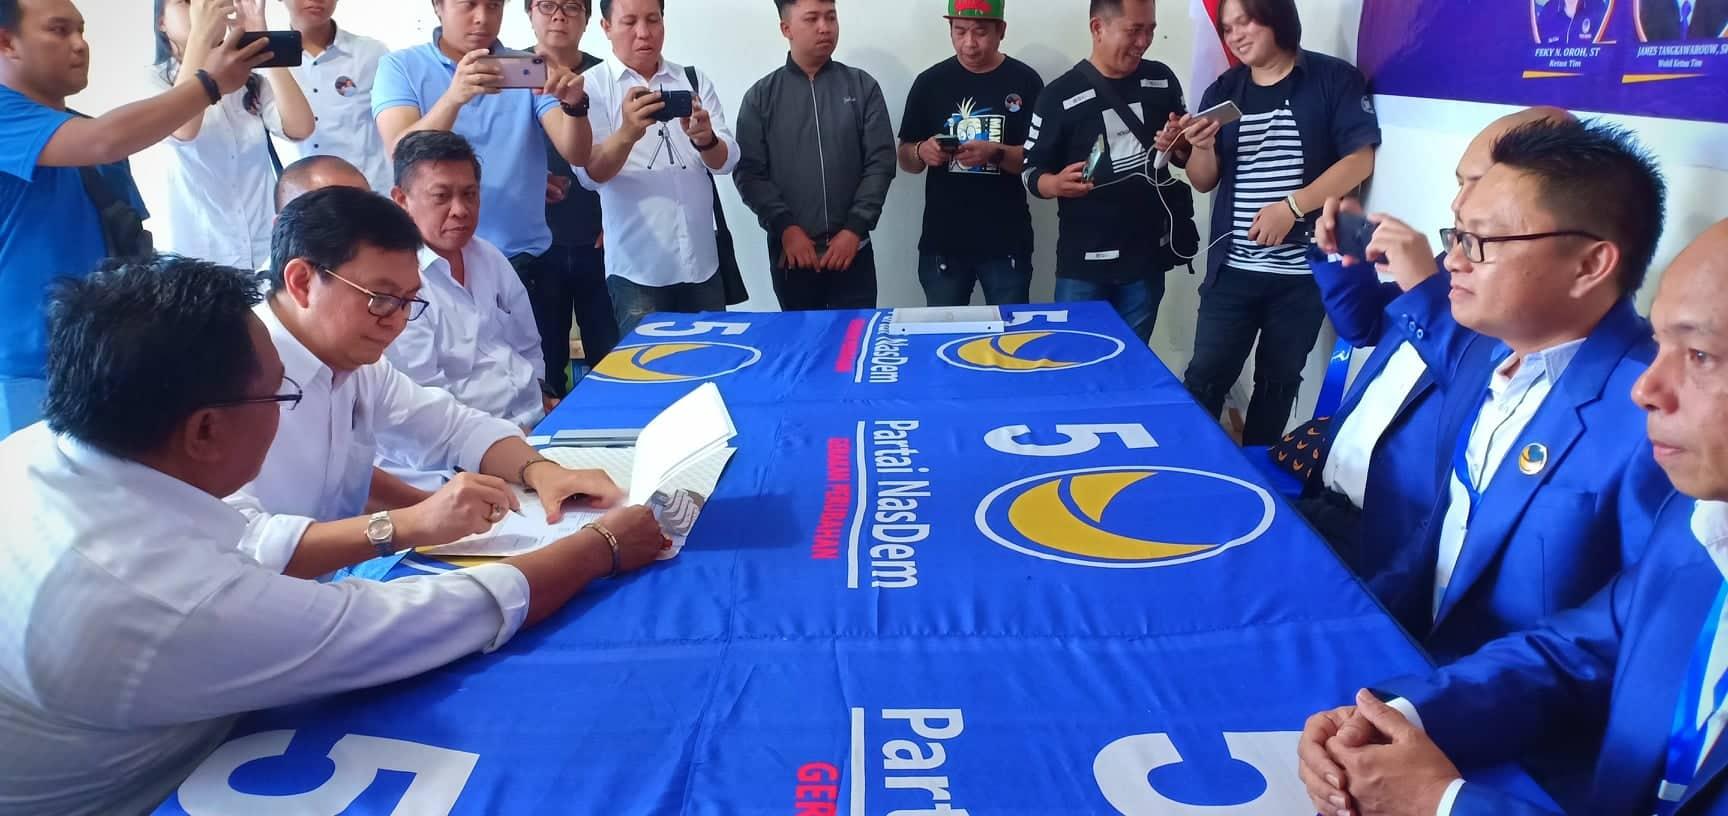 Edwin menandatangani berkas pendaftaran